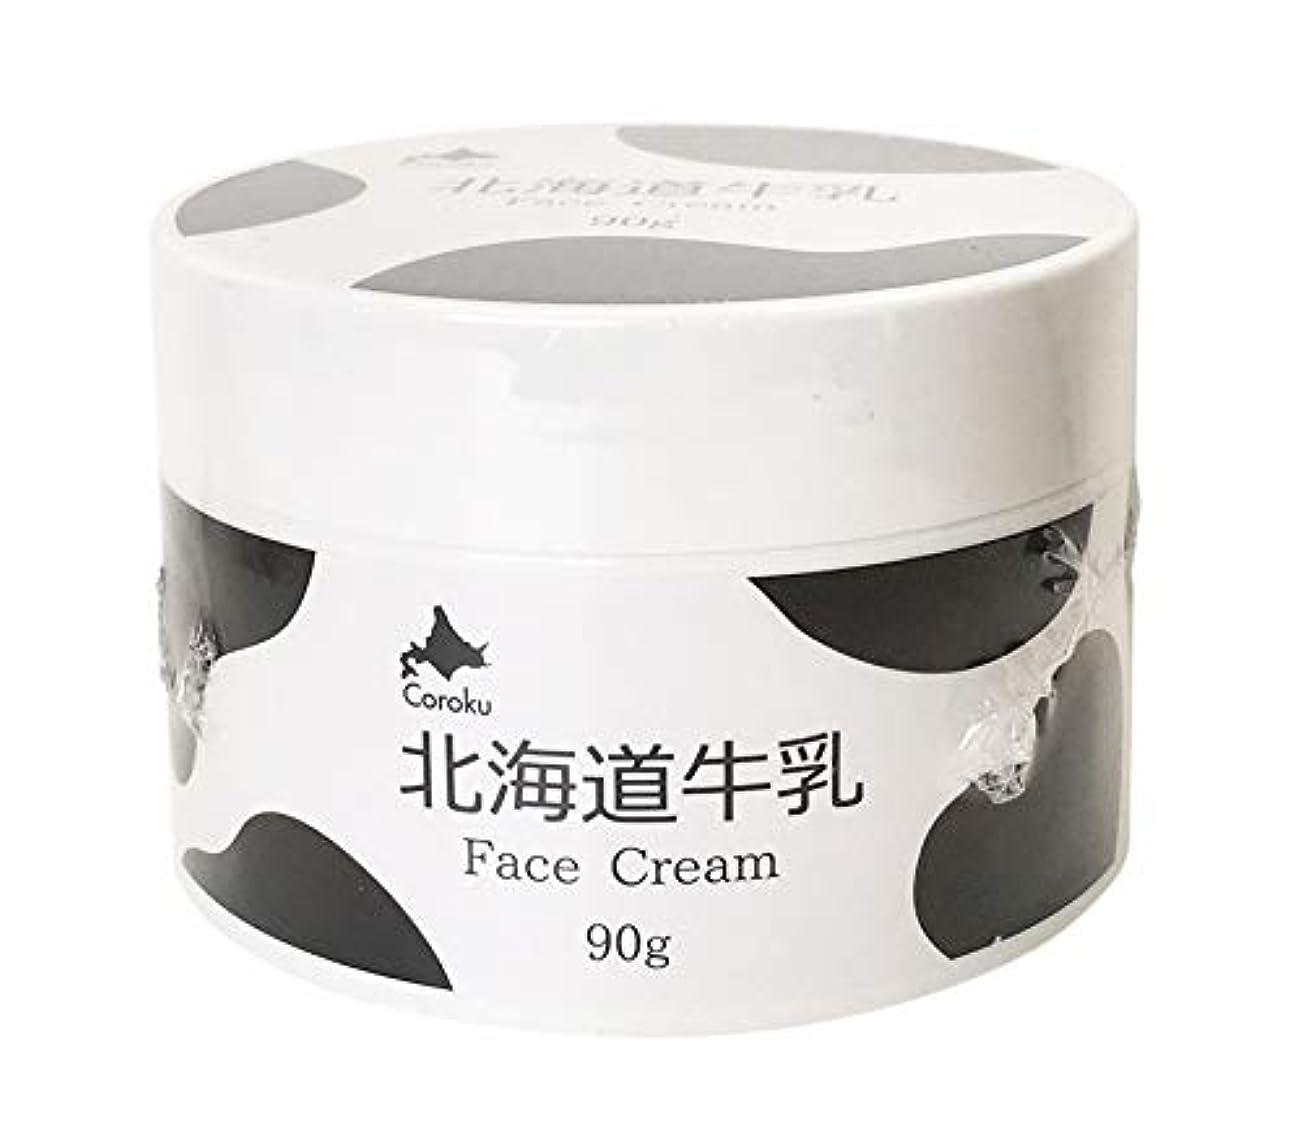 プラスボイド捧げる北海道牛乳 フェイスクリーム FACE CREAM 90g